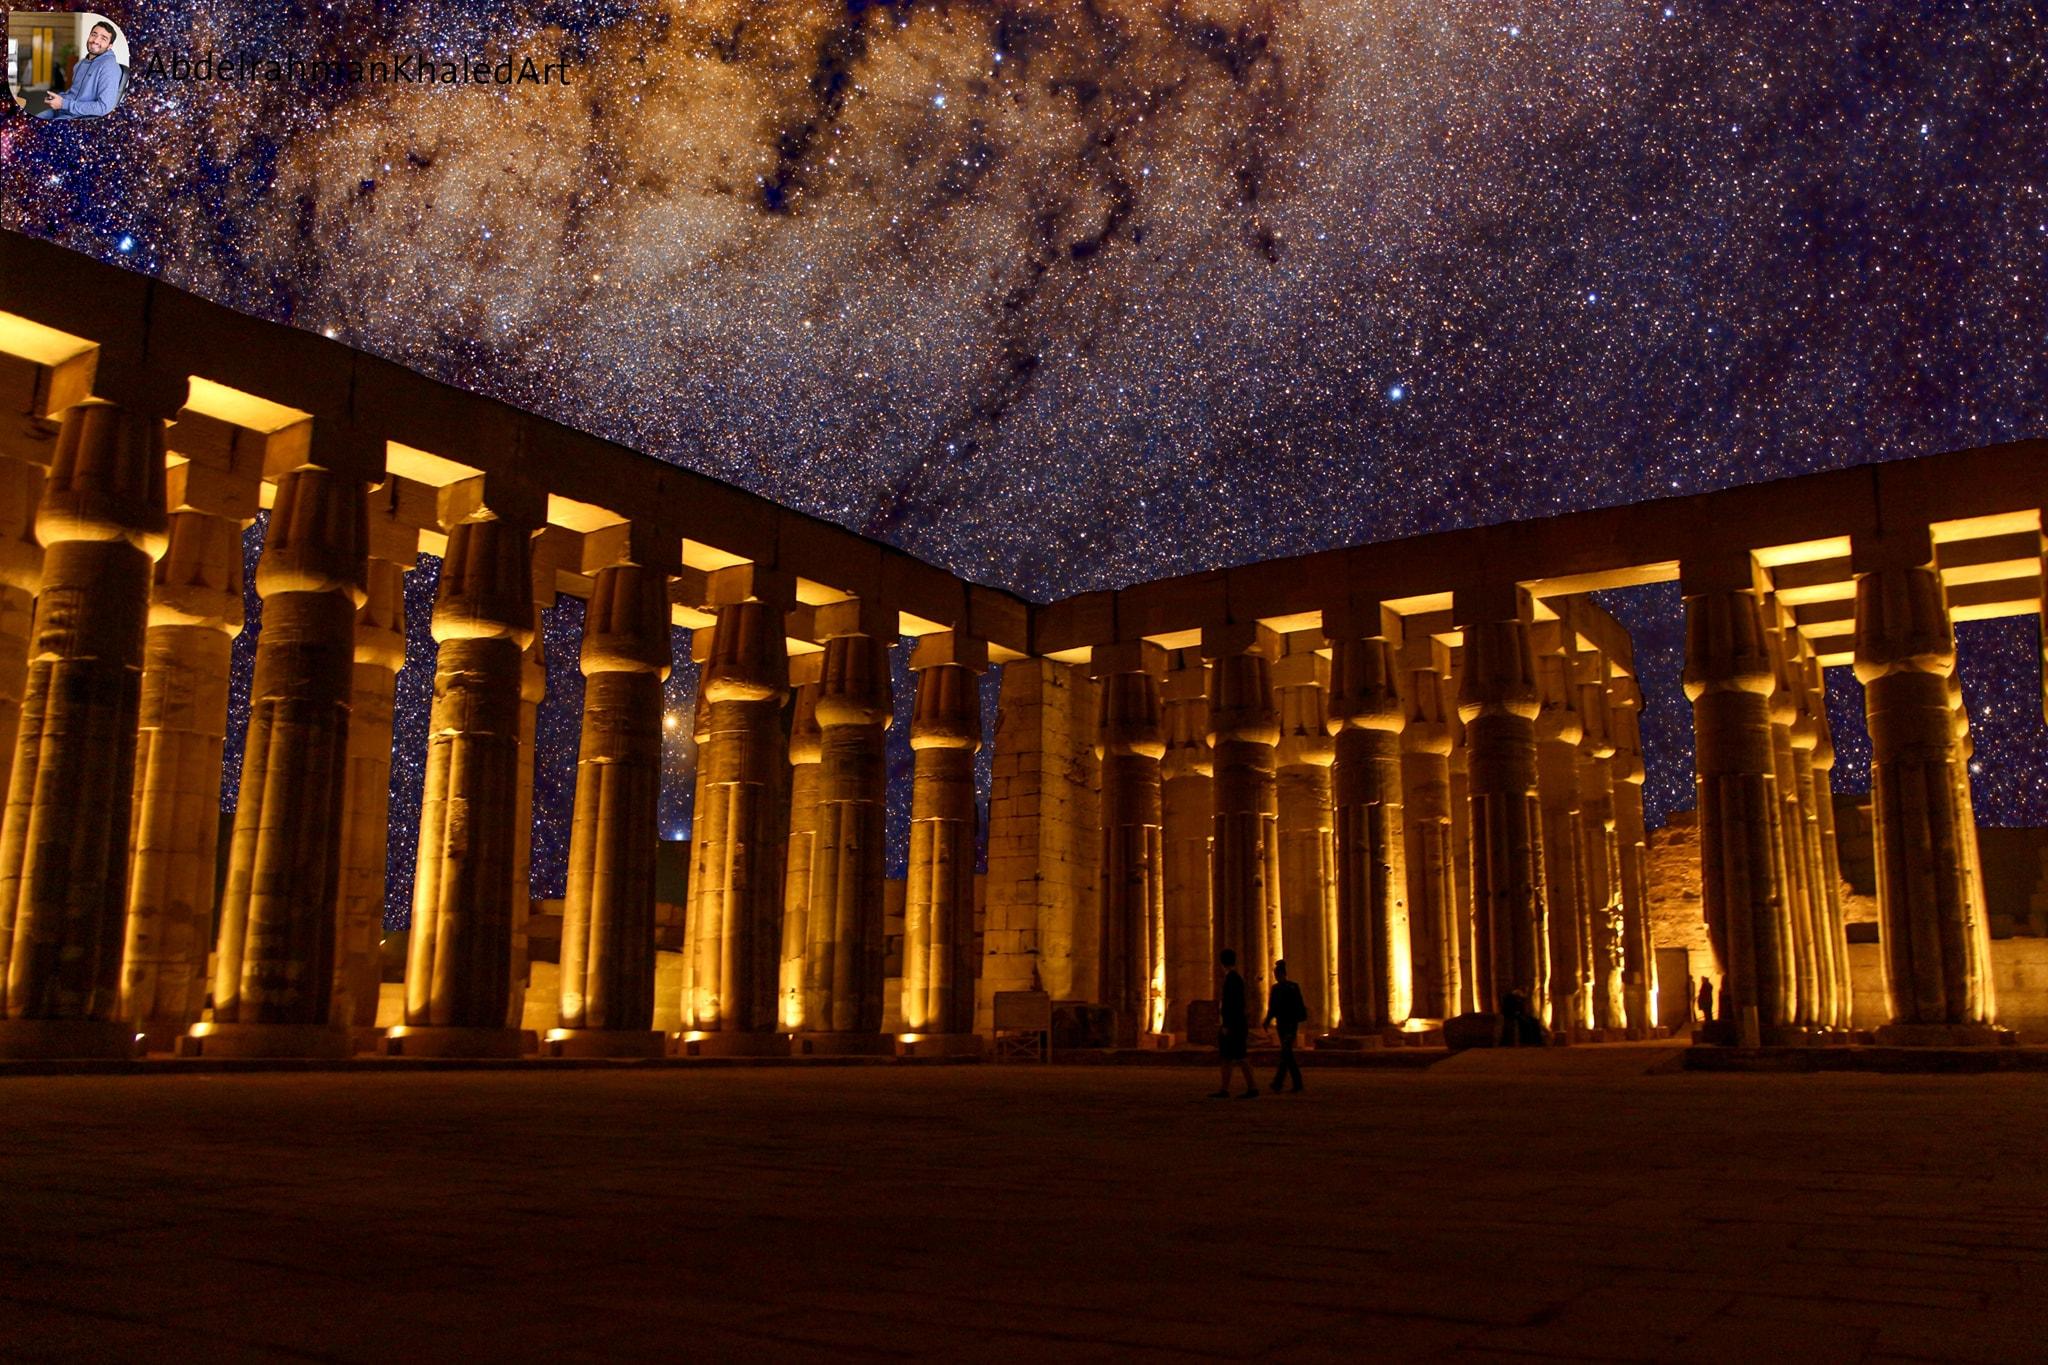 اسعار دخول المزارات السياحية في الاقصر واسوان 2019 للاجانب والمصريين